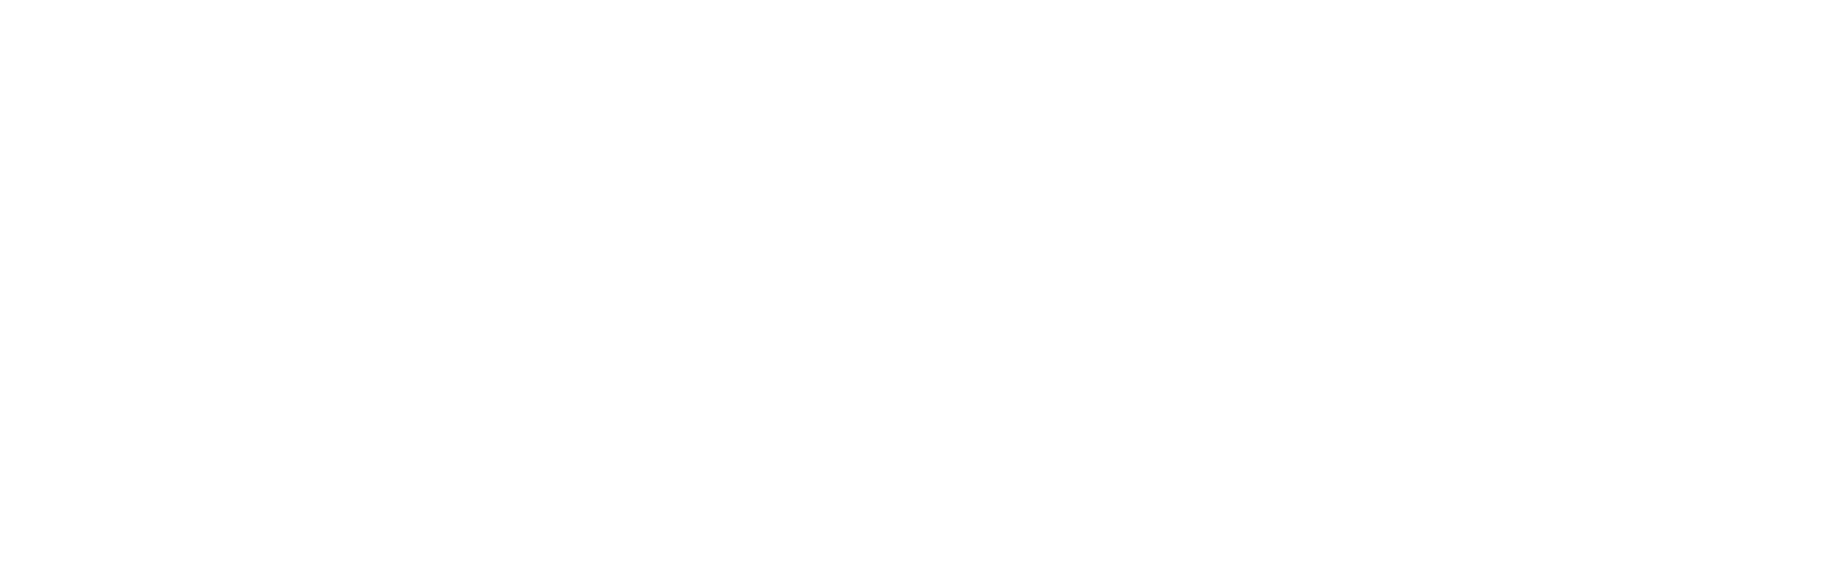 Observatório da Mobilidade Urbana Sustentável